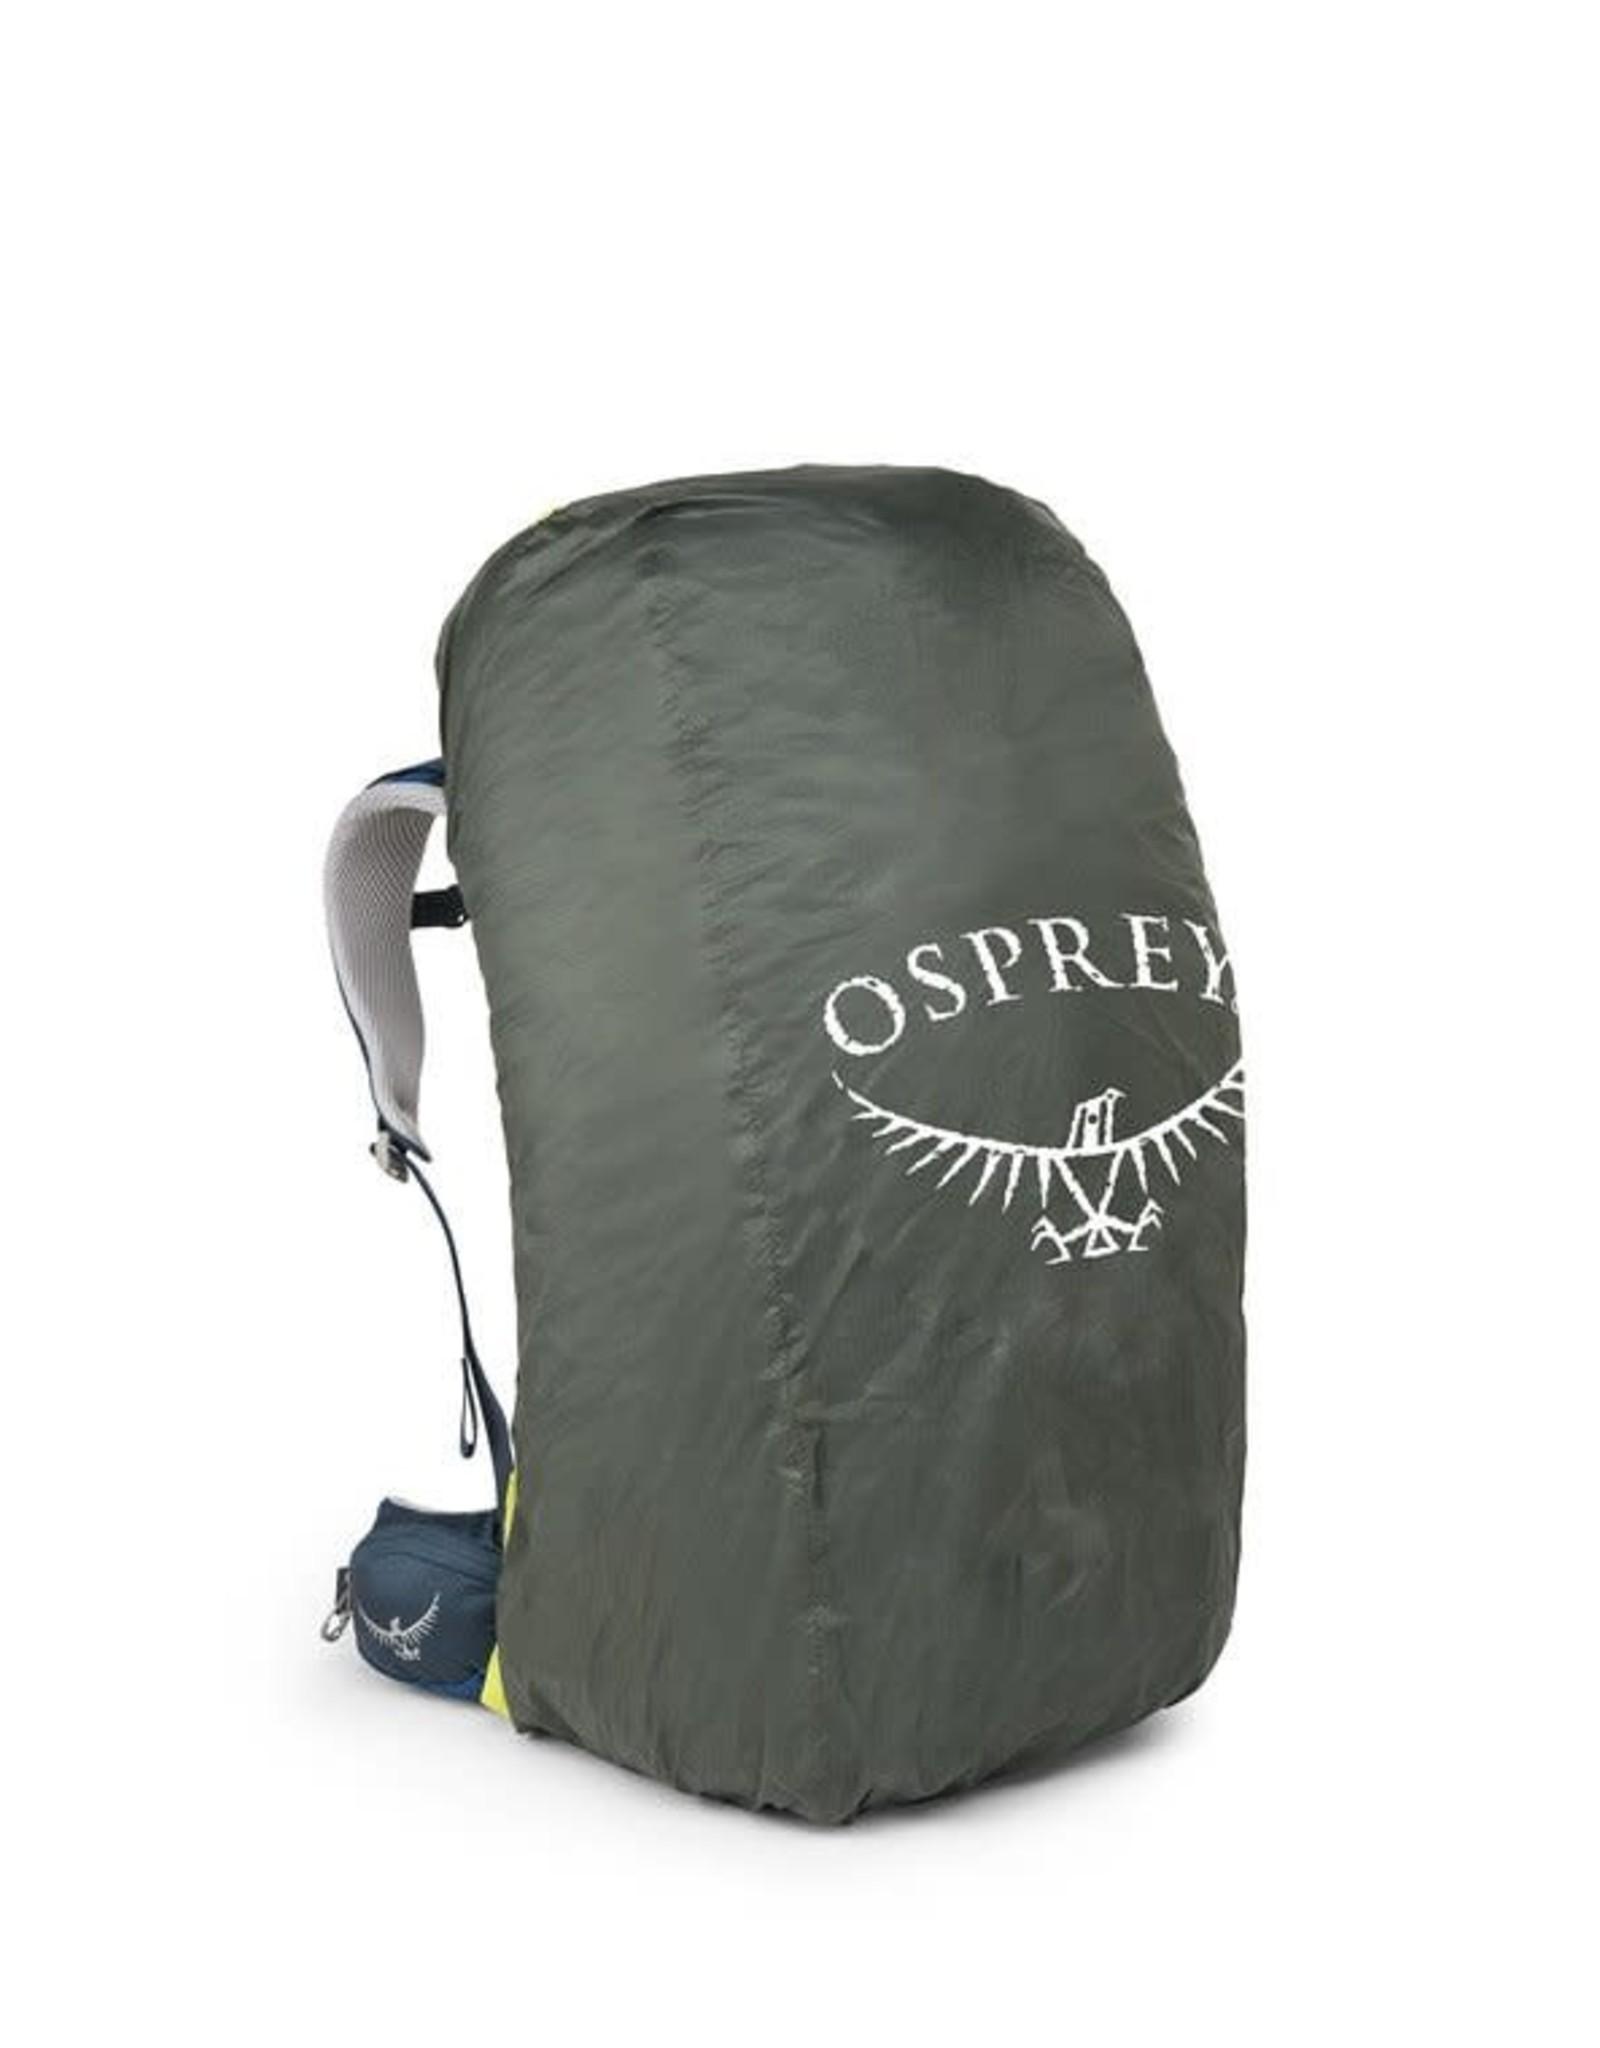 Osprey Osprey UL Raincover XL